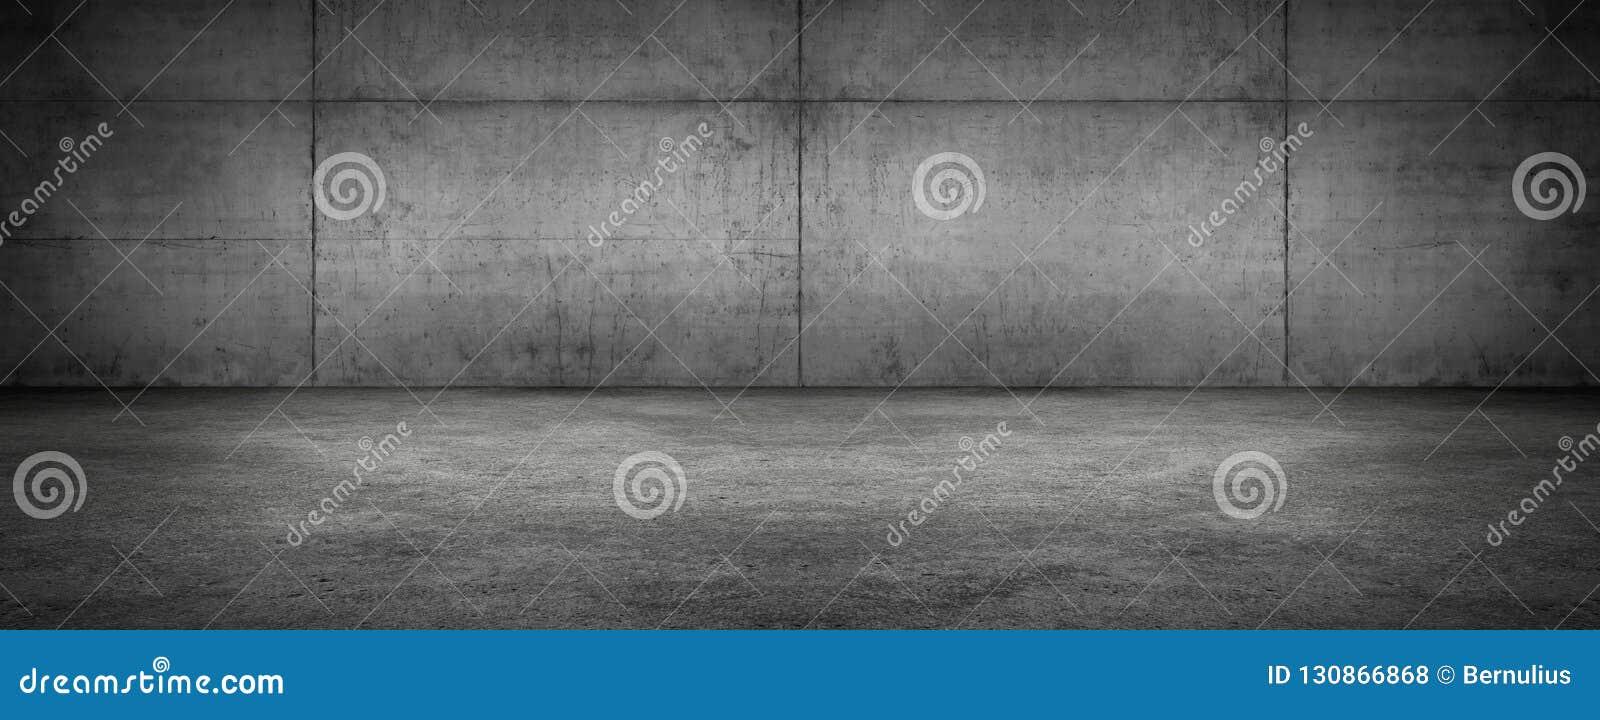 Σκοτεινό κενό σκηνικό σύγχρονο πανοραμικό κατασκευασμένο υπόβαθρο δωματίων συμπαγών τοίχων